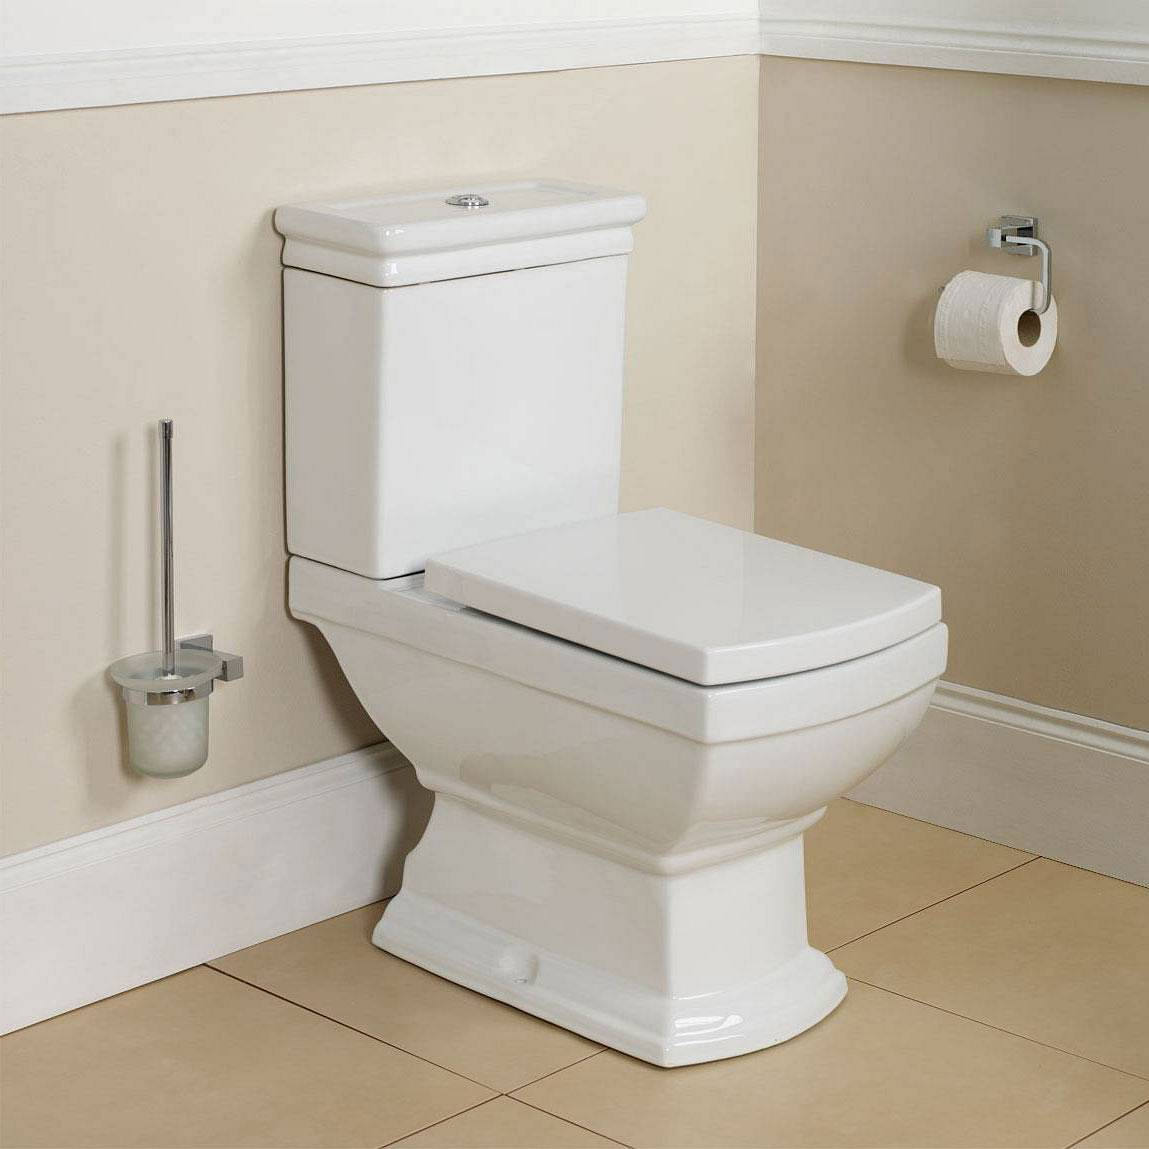 居家卫生间马桶的大小如何确定?